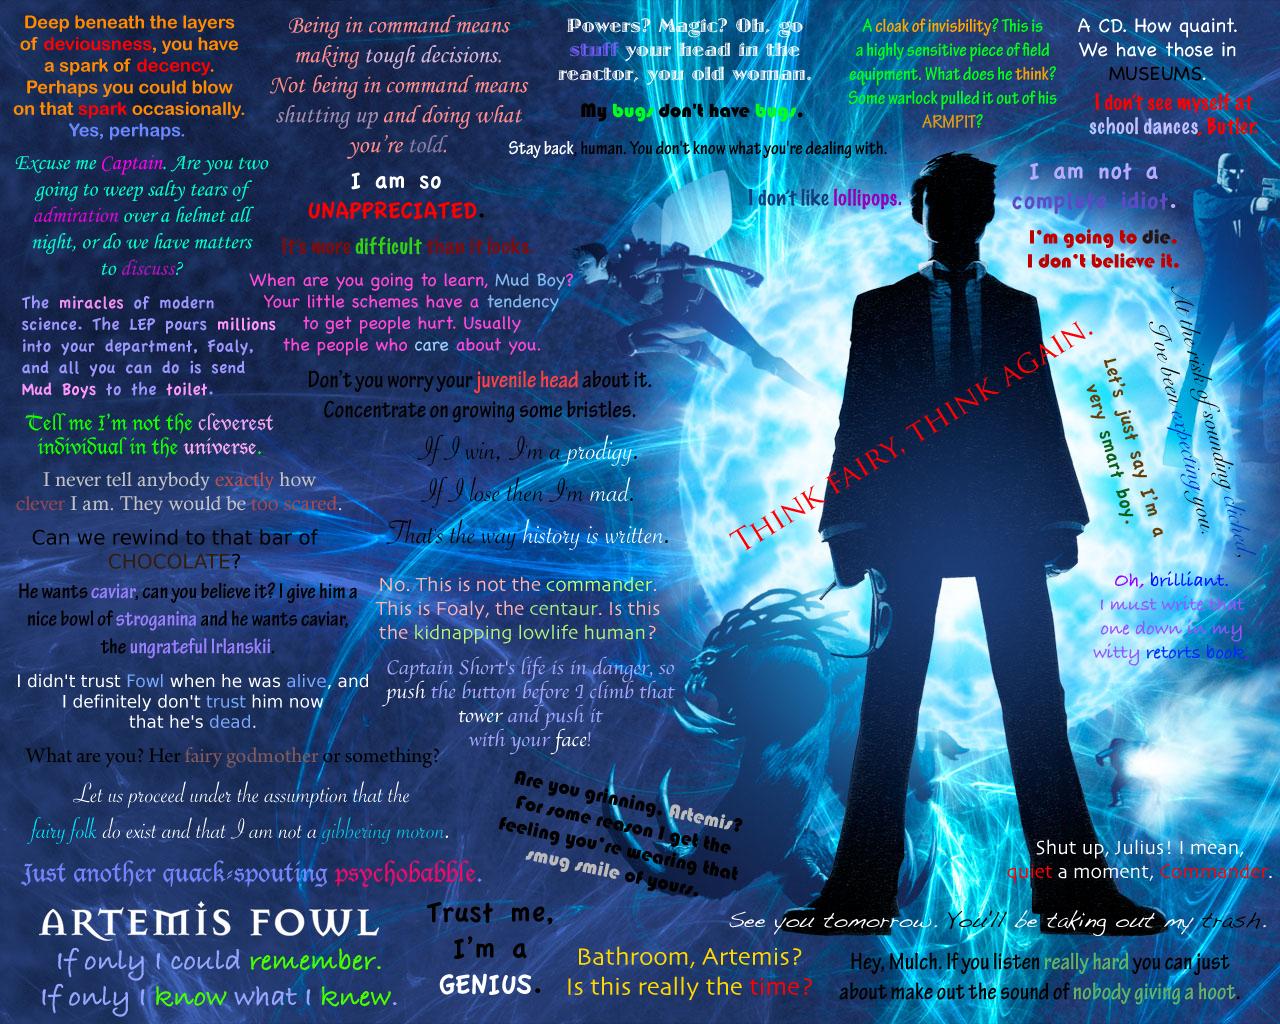 http://3.bp.blogspot.com/-R3cucqsQzWk/T9yBXDQA2FI/AAAAAAAAAVk/Ac4zzIOJ678/s1600/Artemis_Fowl_Quotes_Wallpaper_by_porpierita.jpg